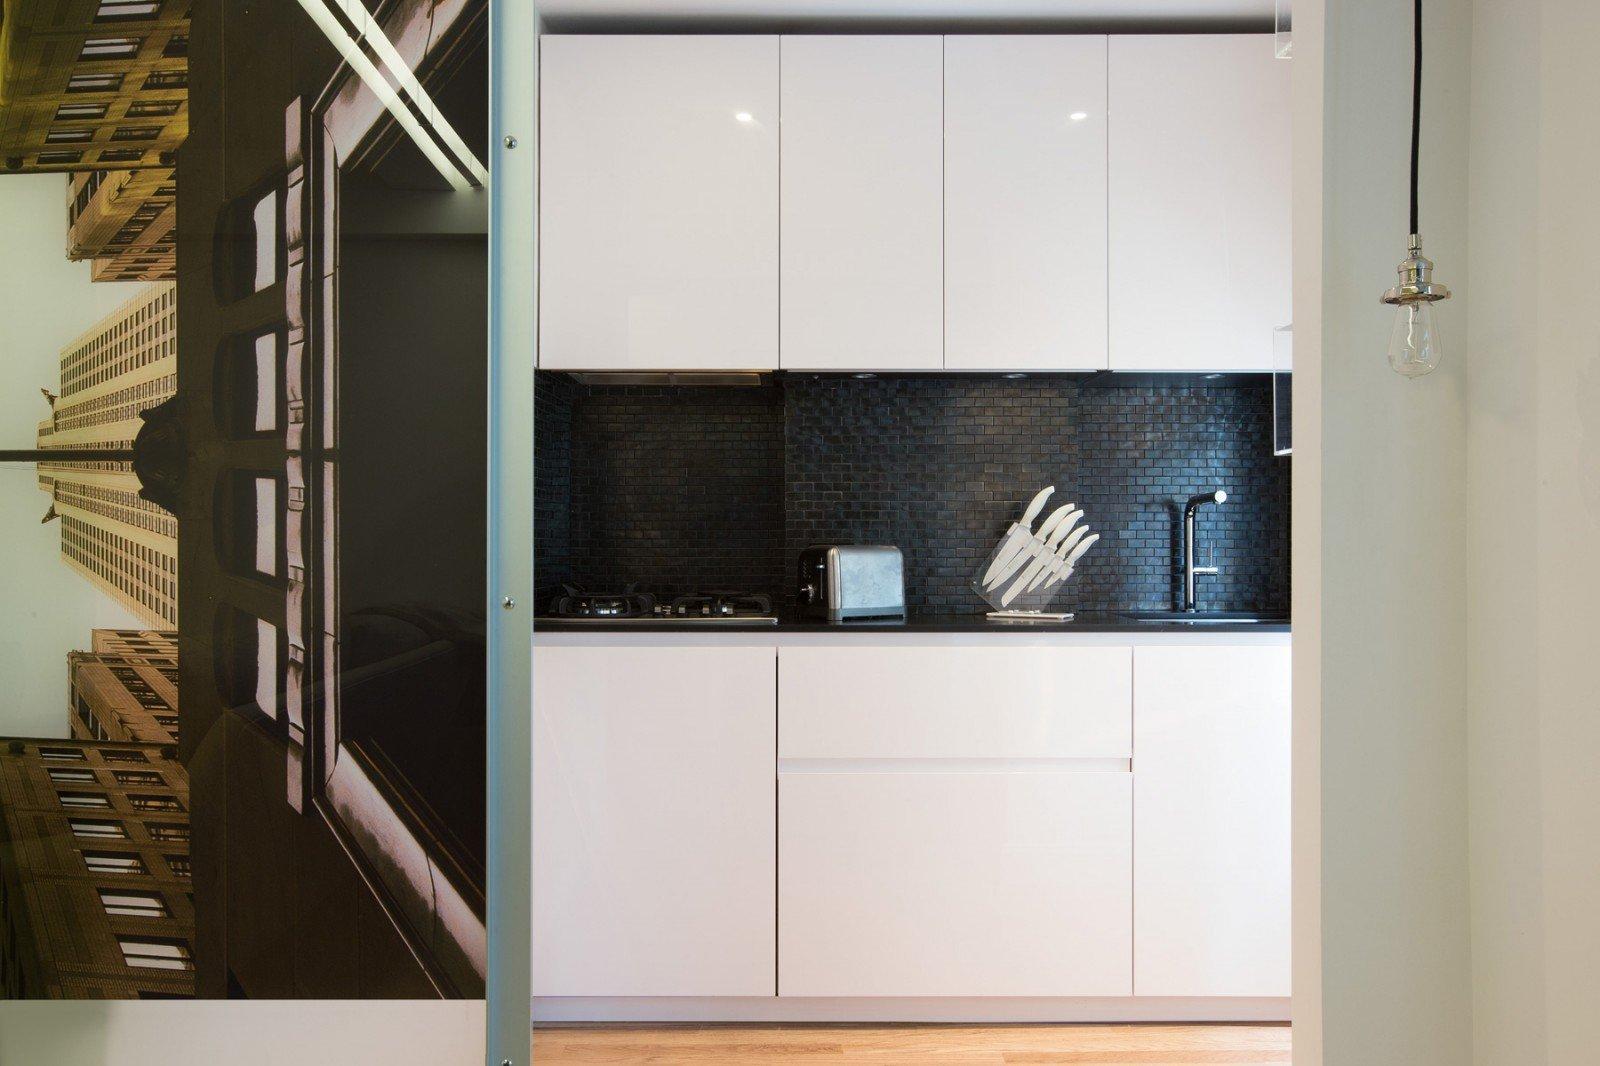 In this square feet studio Minimal USA has designed